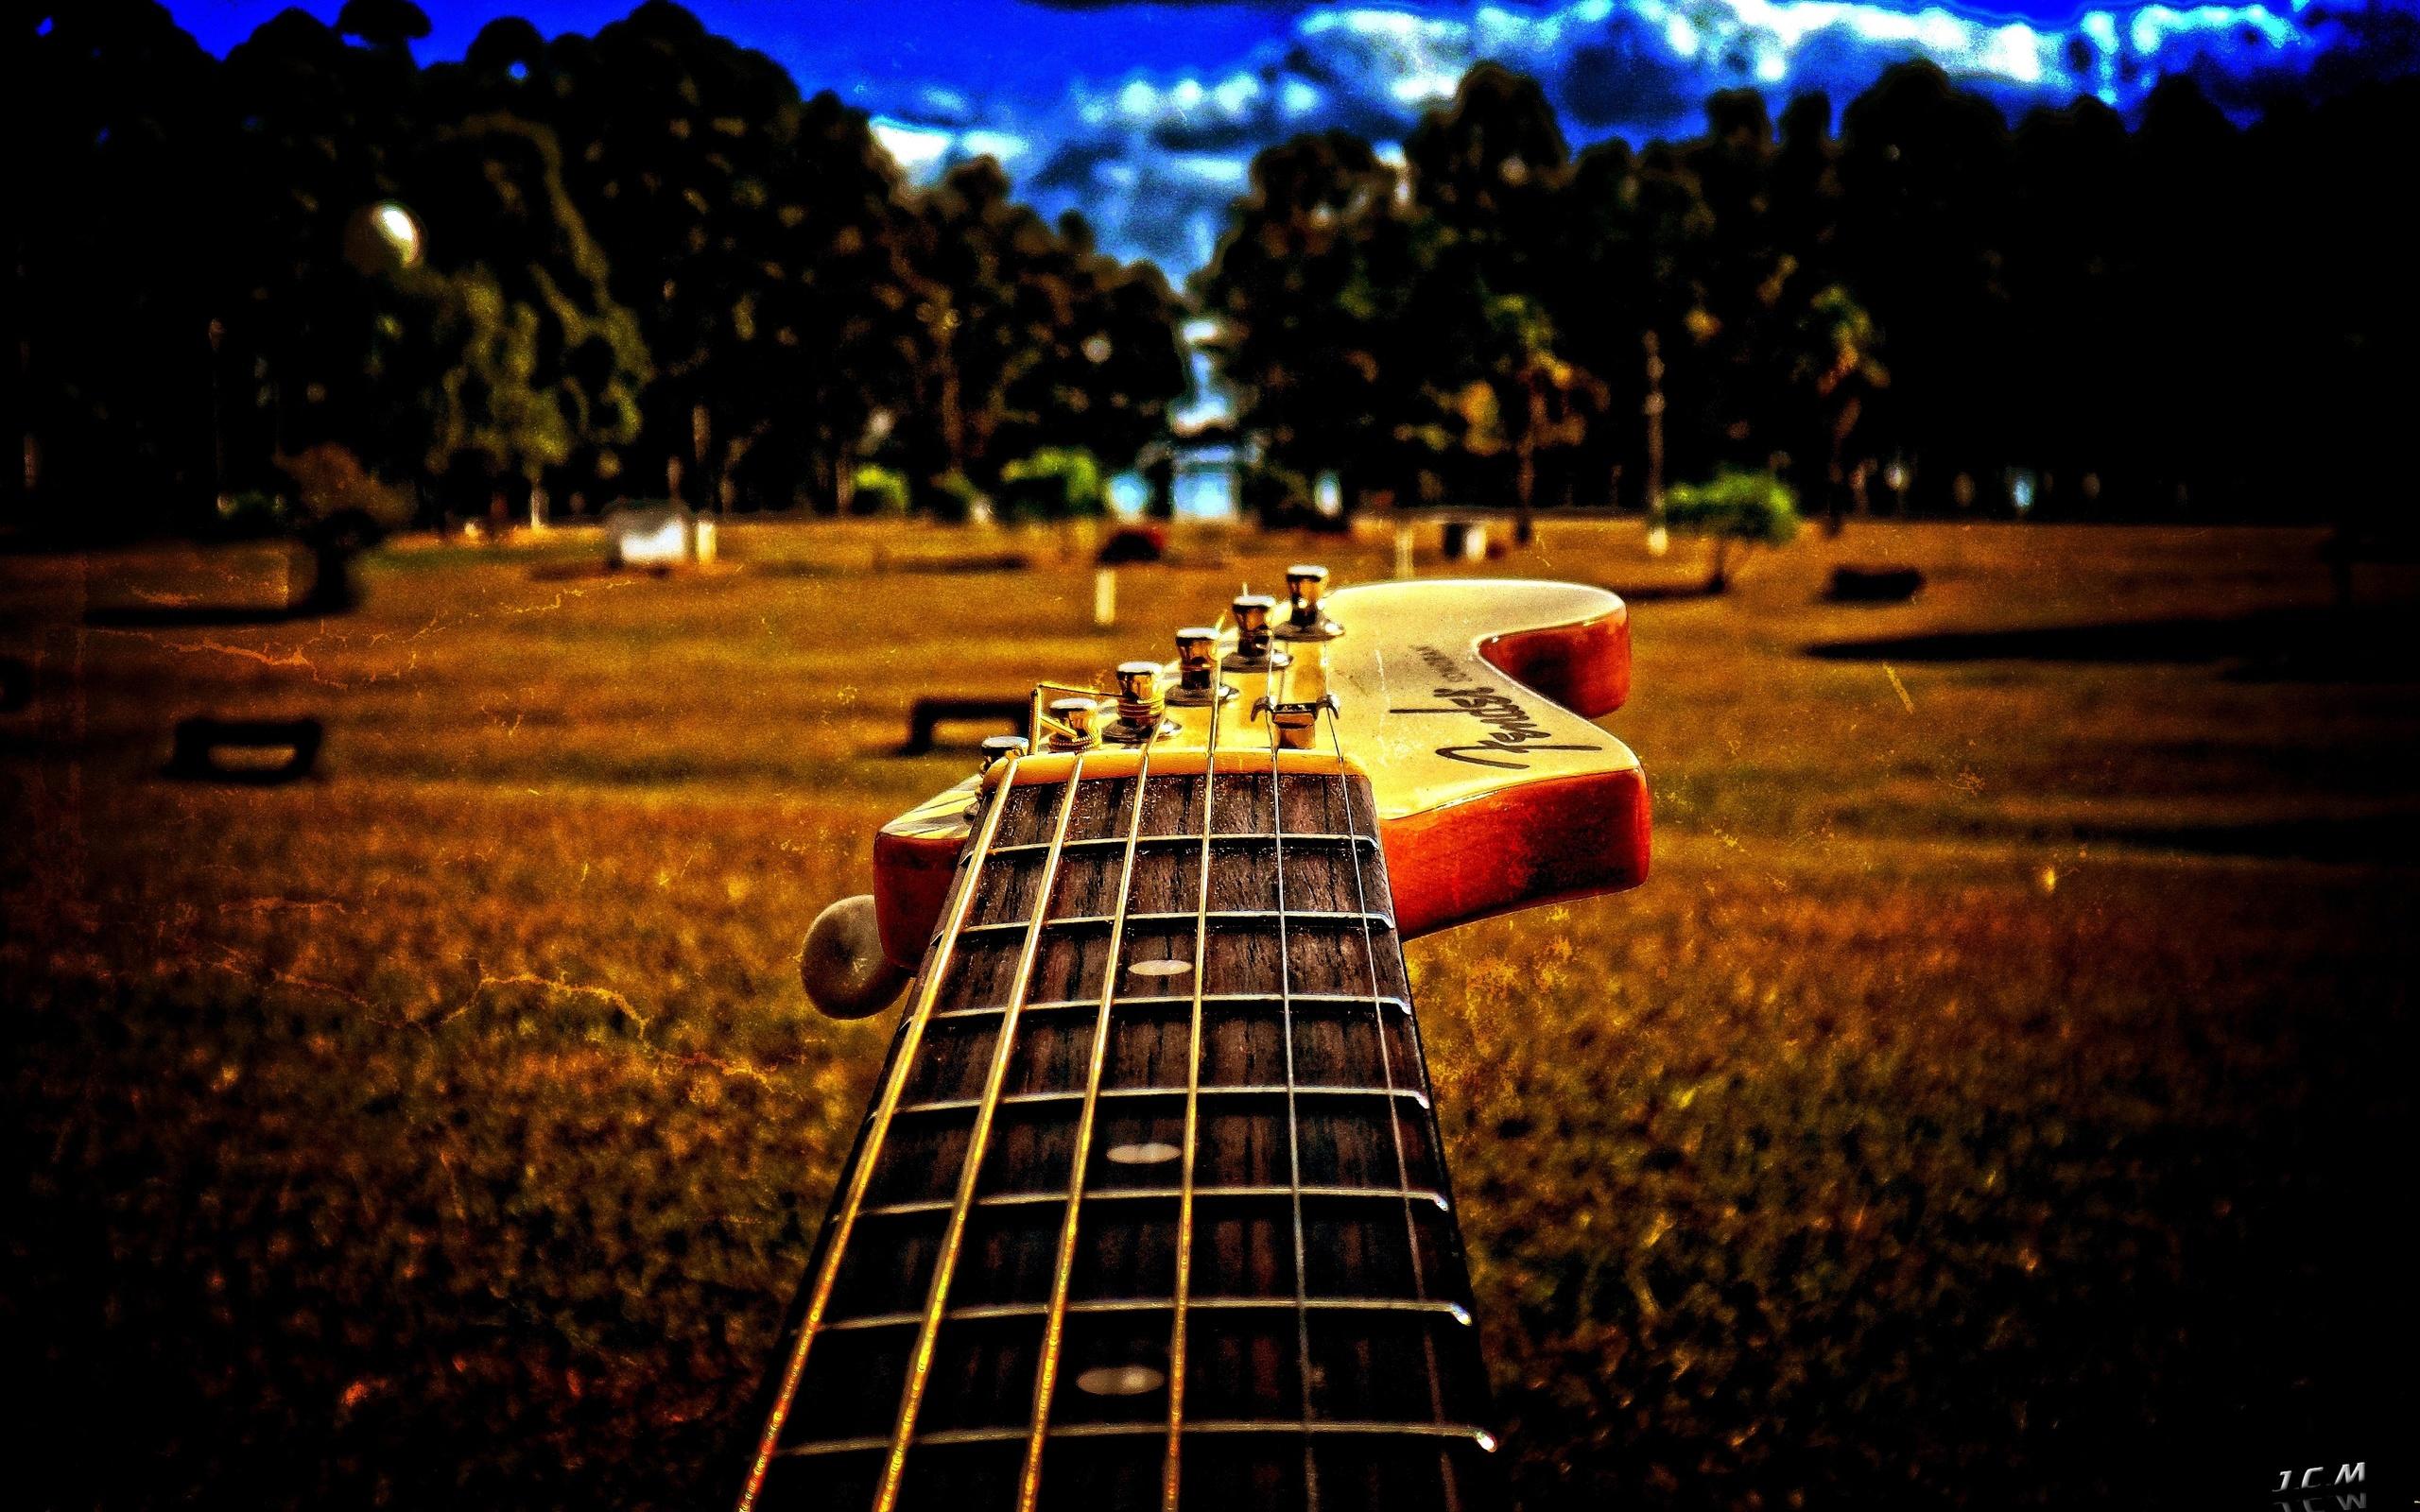 фото классной гитары легкостью сможете пропеленать